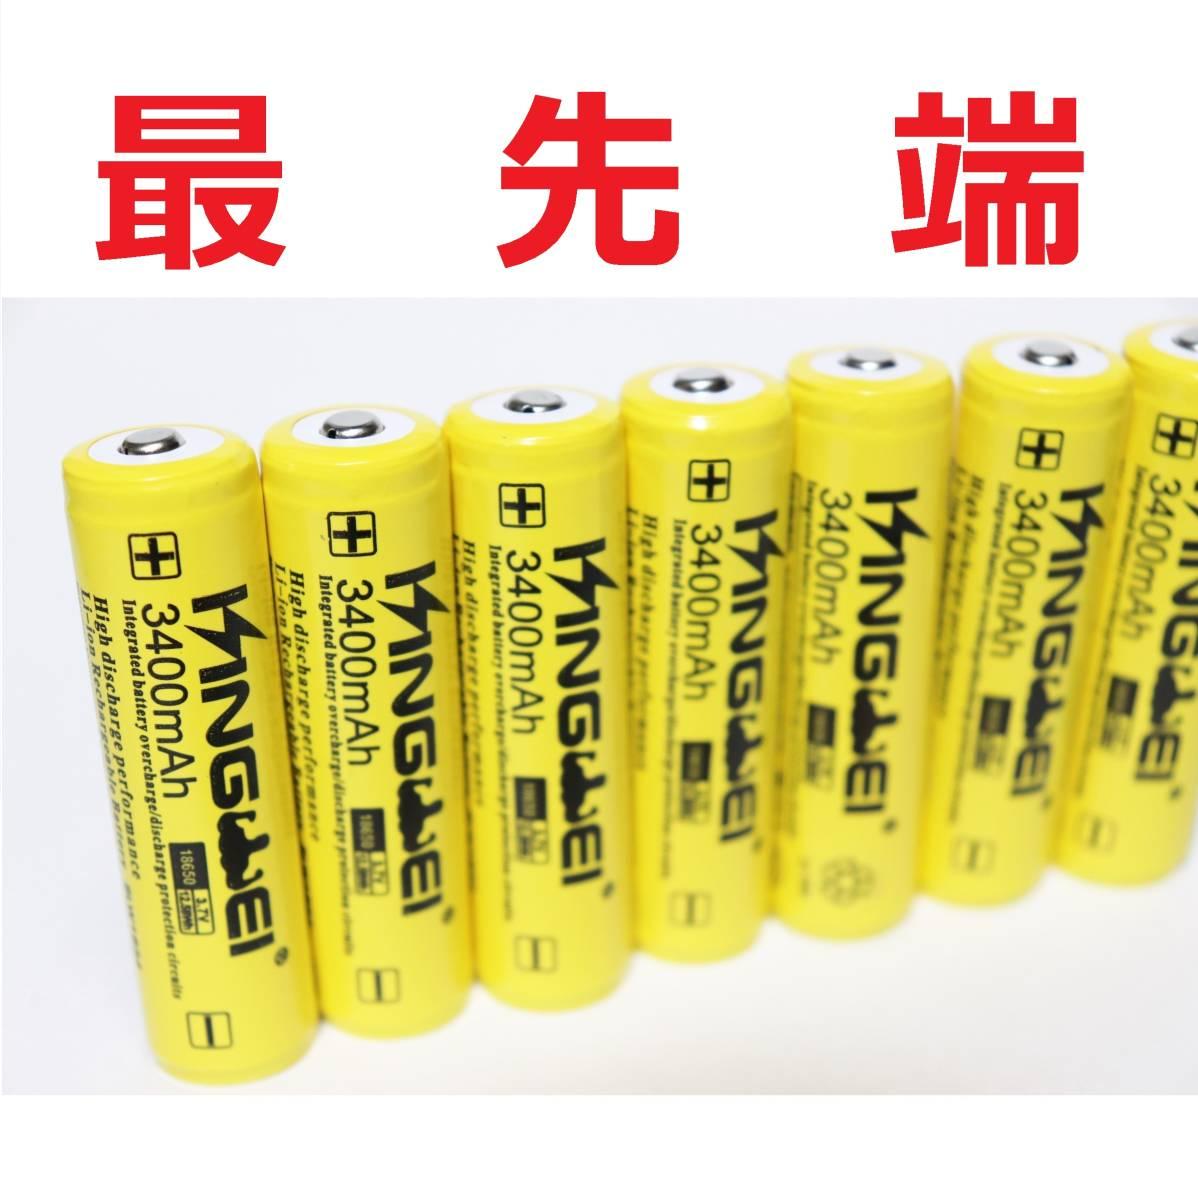 最新版 18650 経済産業省適合品 大容量 リチウムイオン 充電池 バッテリー 懐中電灯 ヘッドライト 01_画像1